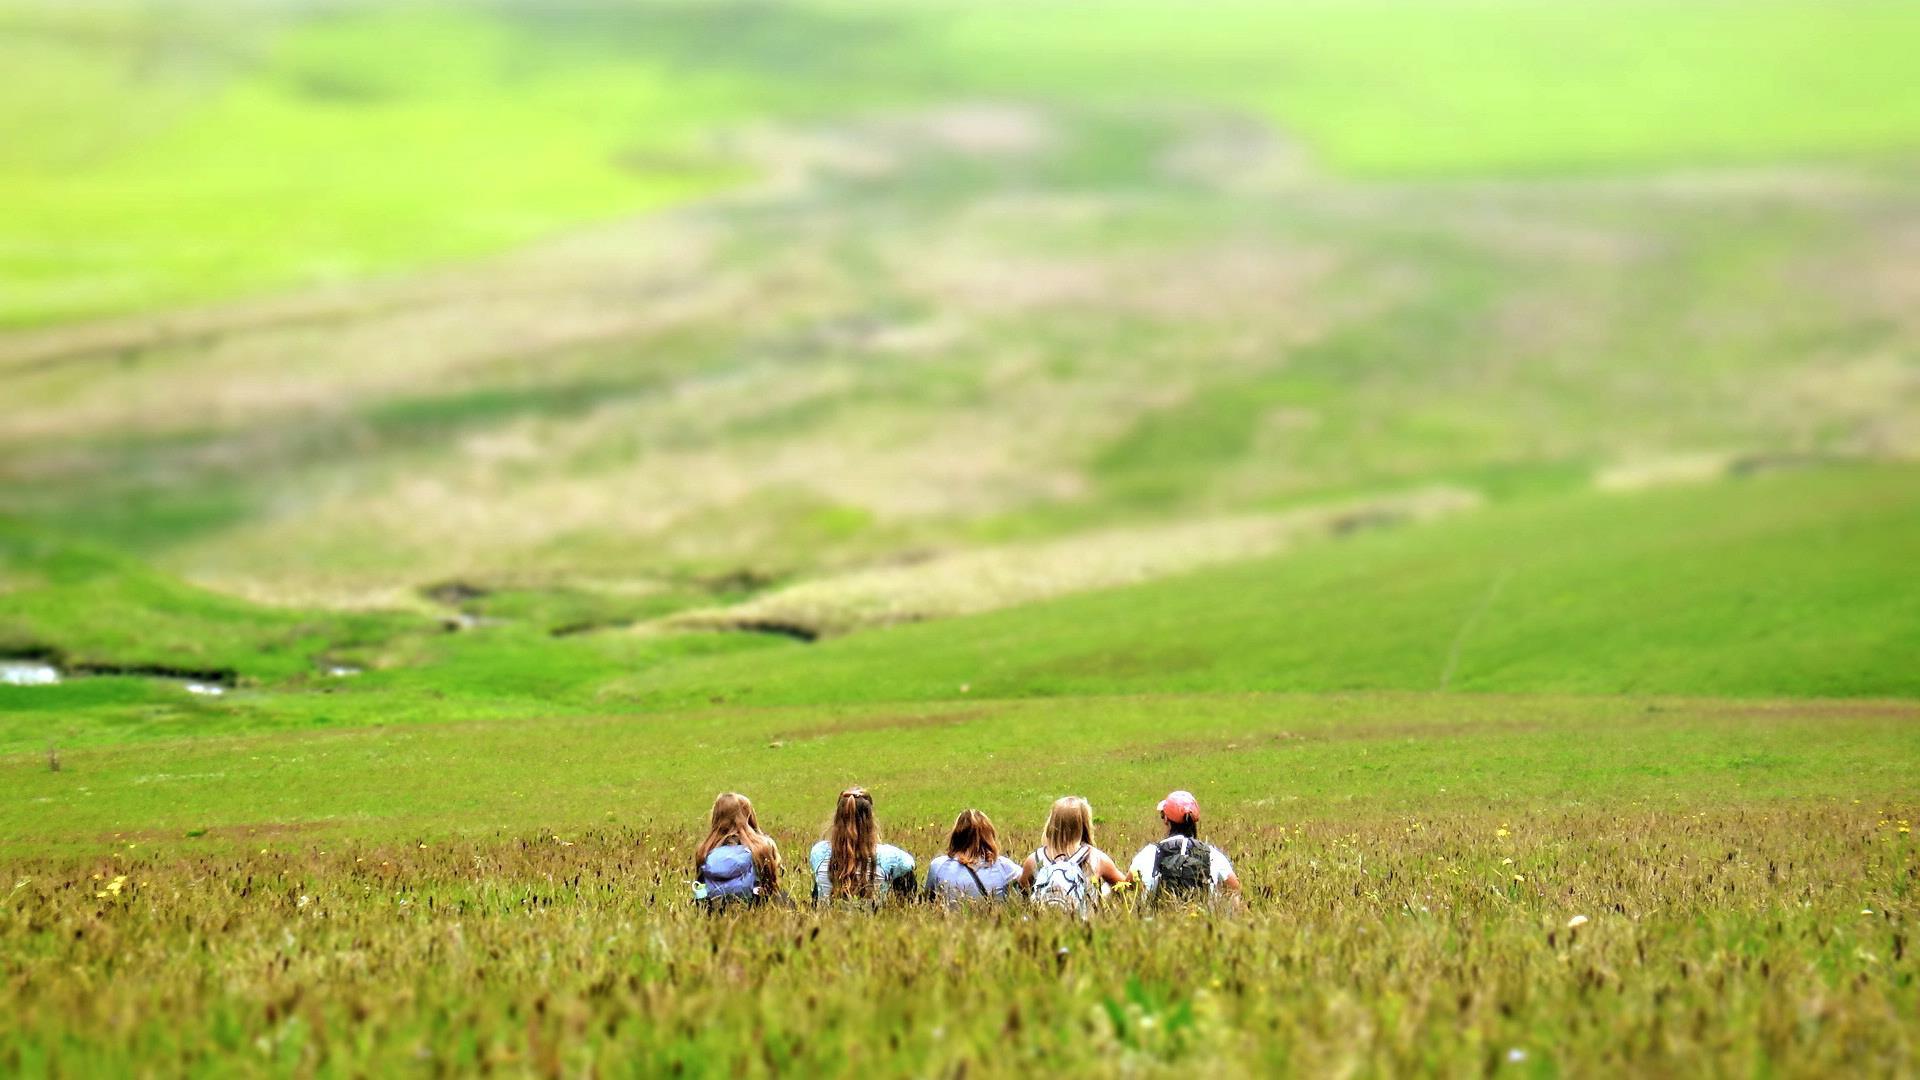 School - The Traveling School  1